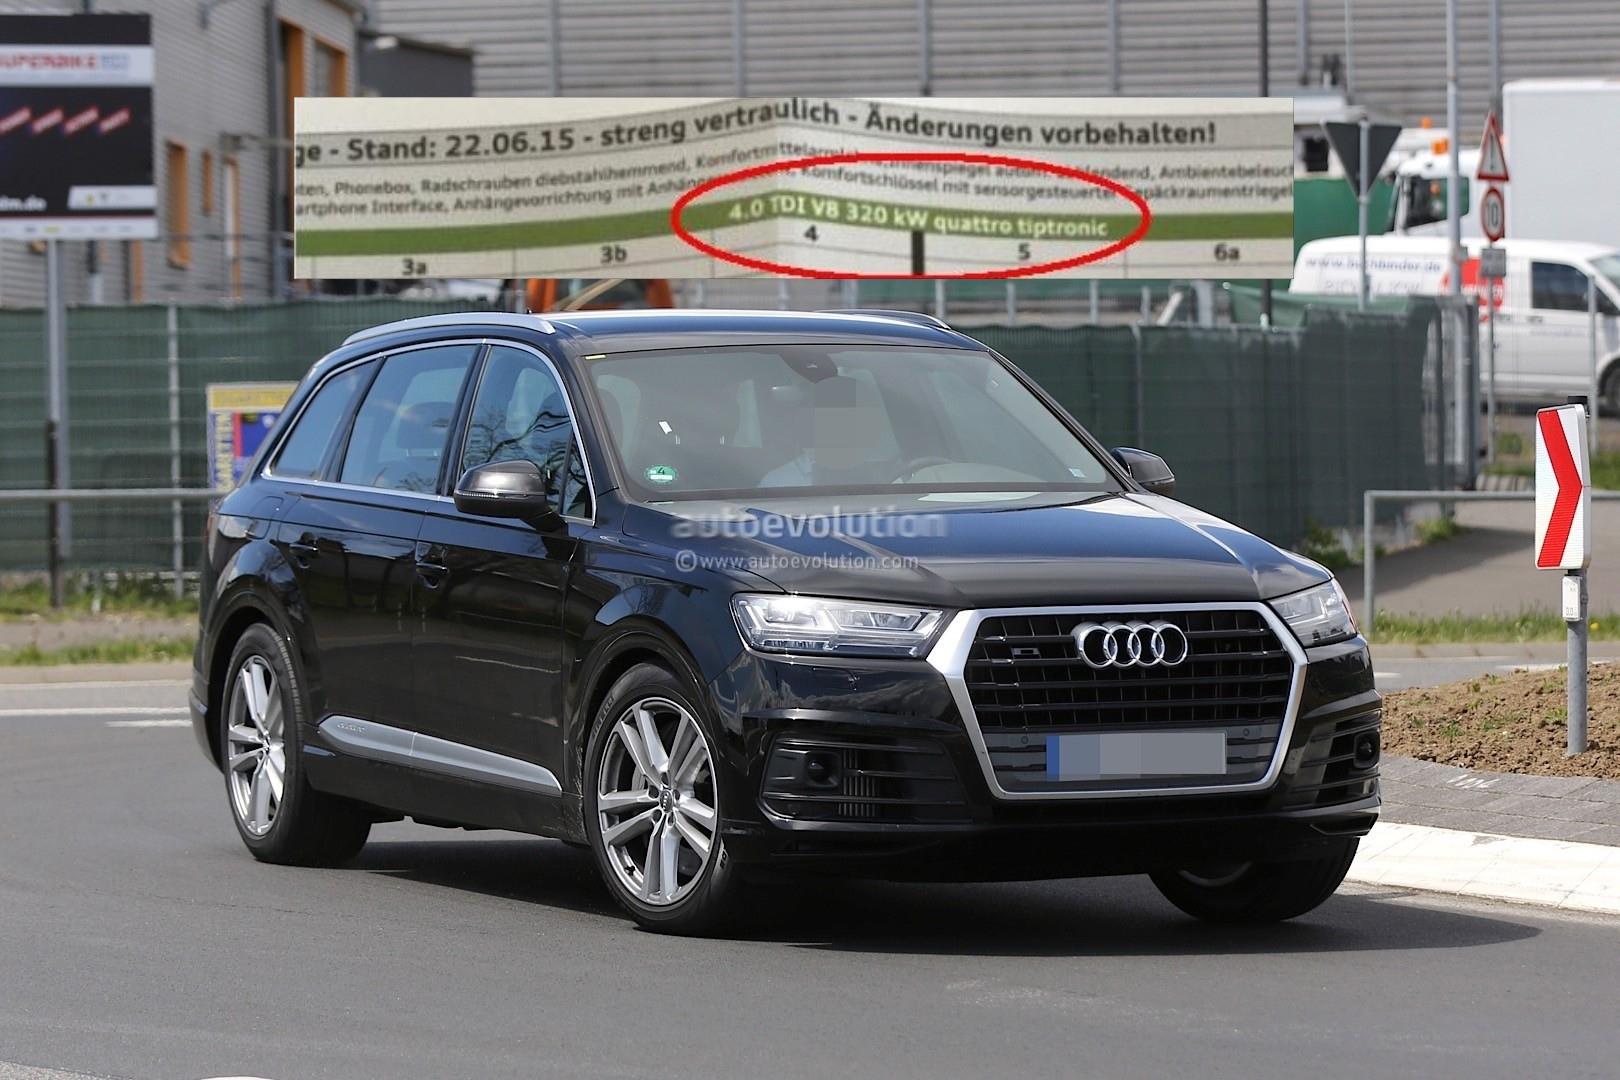 Audi audi sq7 tdi : Audi SQ7 Will Pack New 4.0 TDI with 435 PS, Spec Sheet Suggests ...